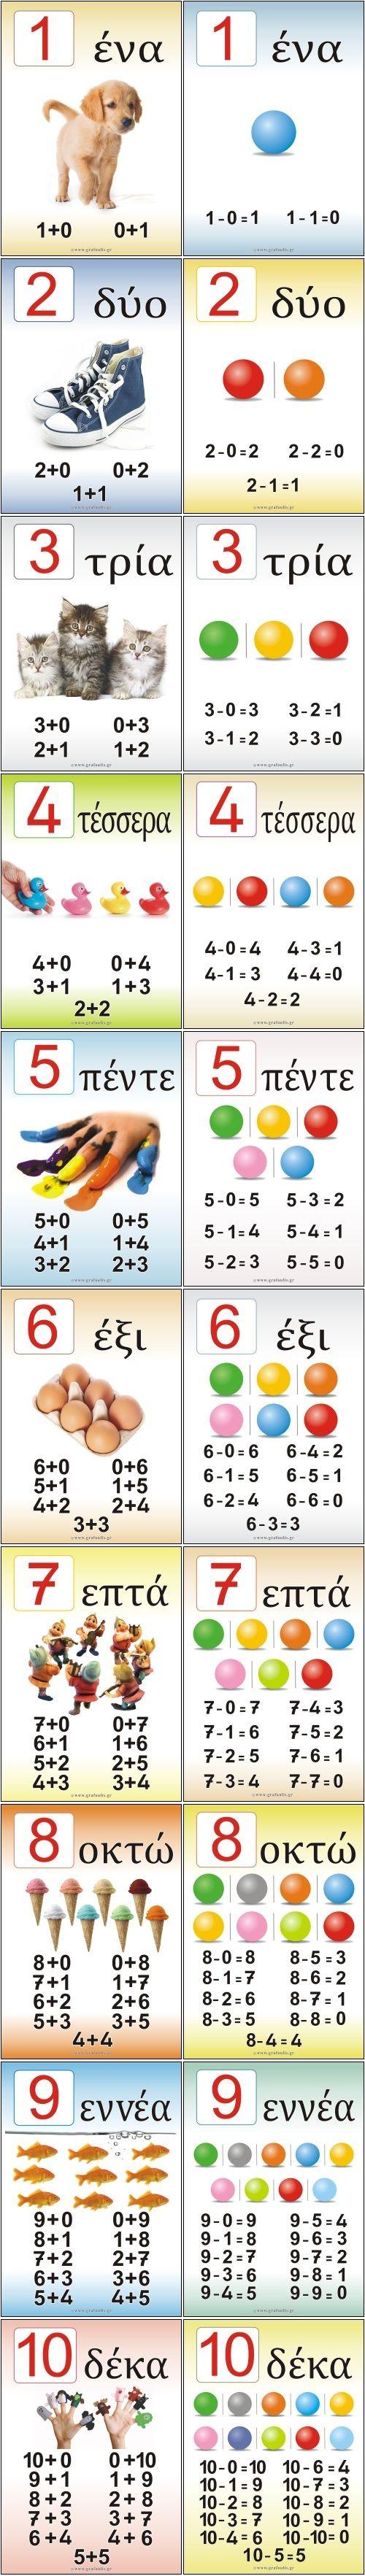 Διάφορες καρτέλες για Μαθηματικά